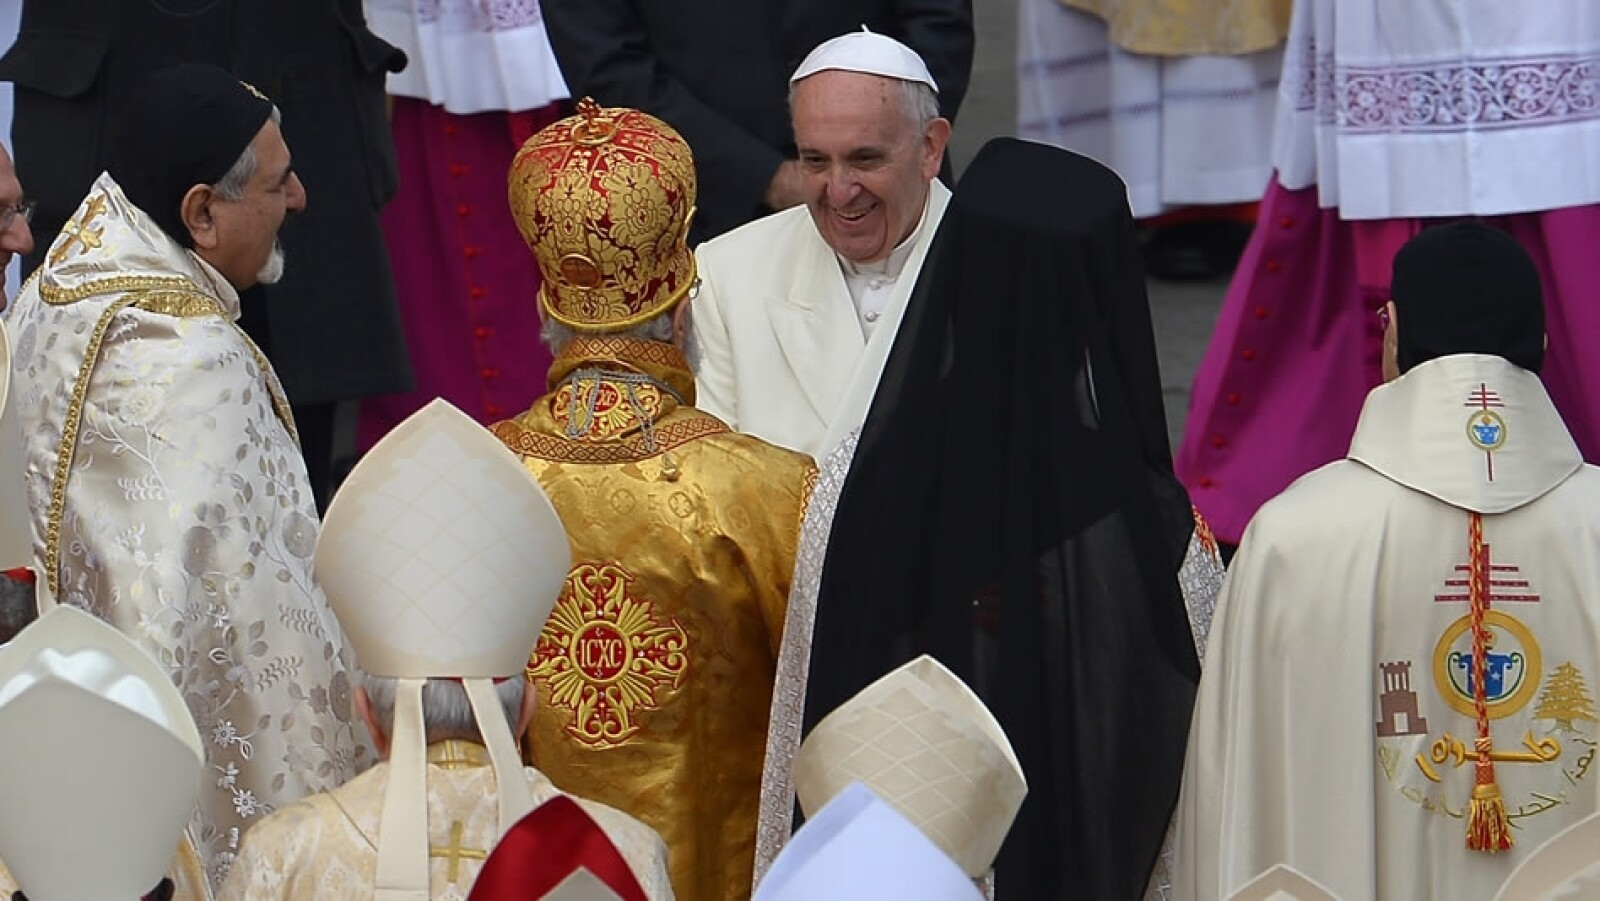 exhibicion, restos, san pedro, papa francisco 4